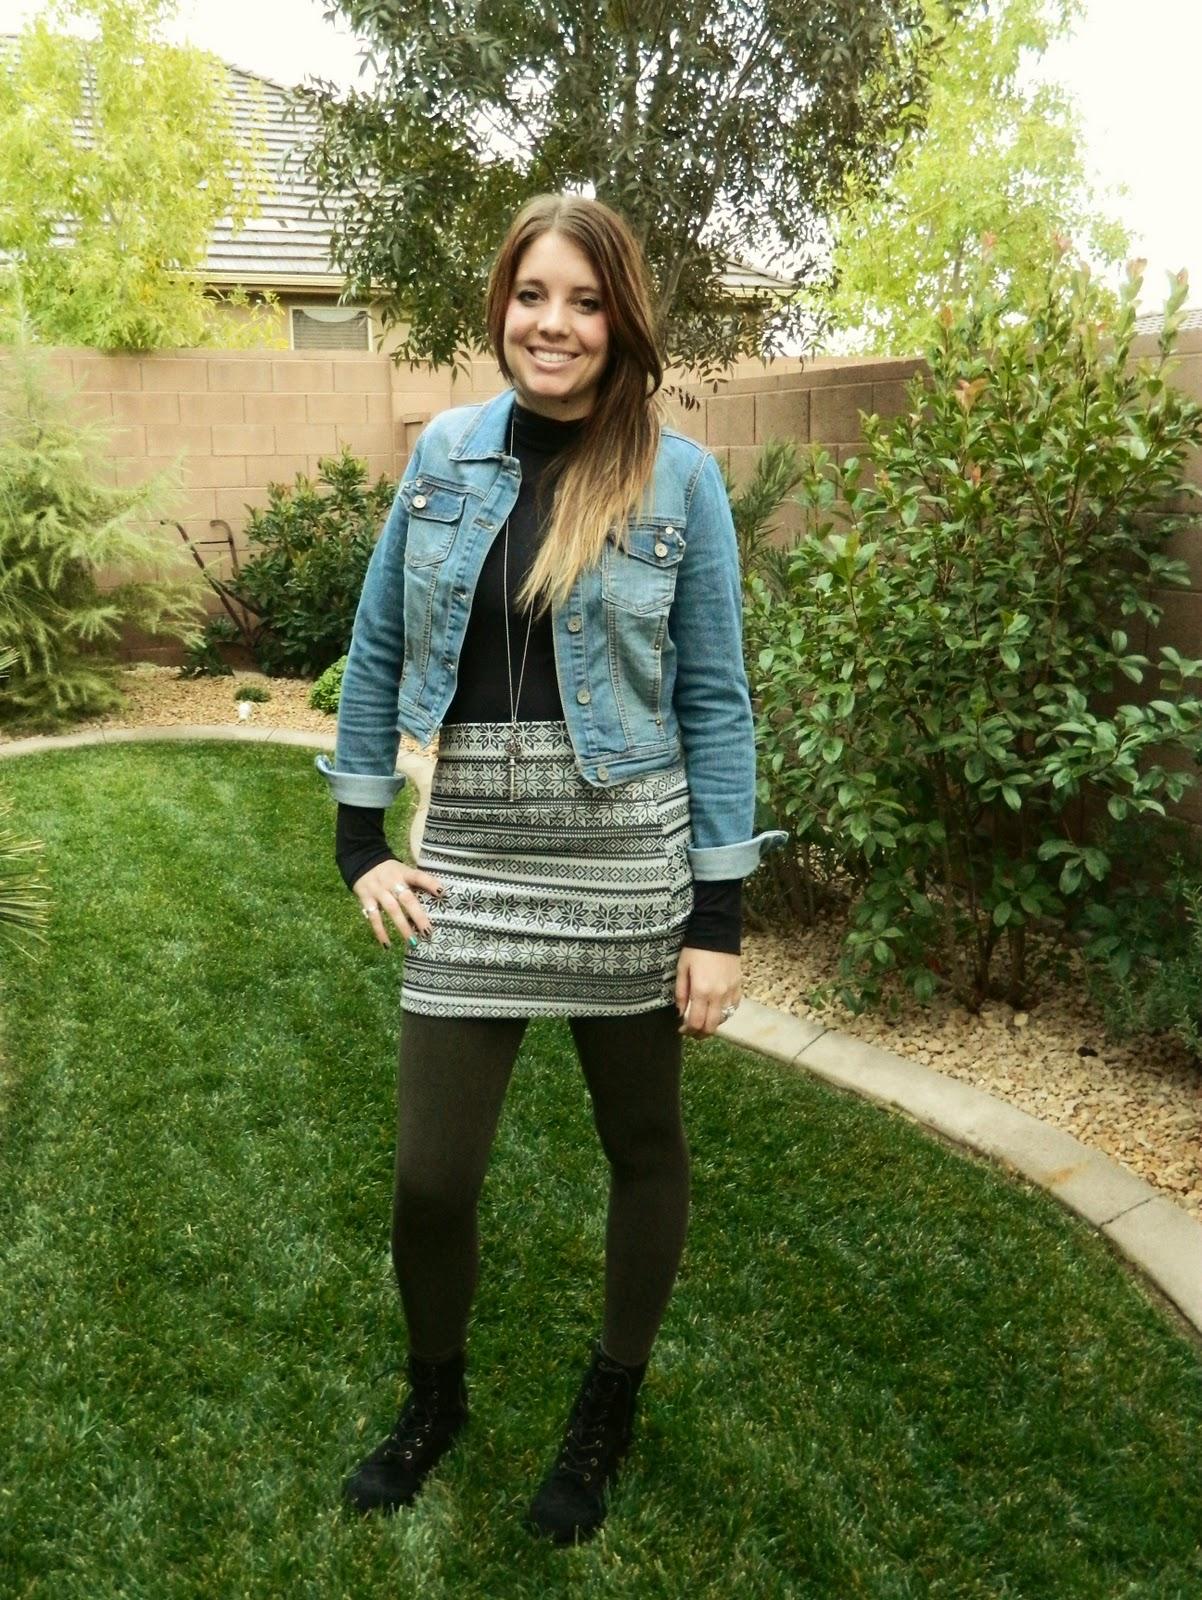 Utah fashion blogger, modest fashion blogger, style